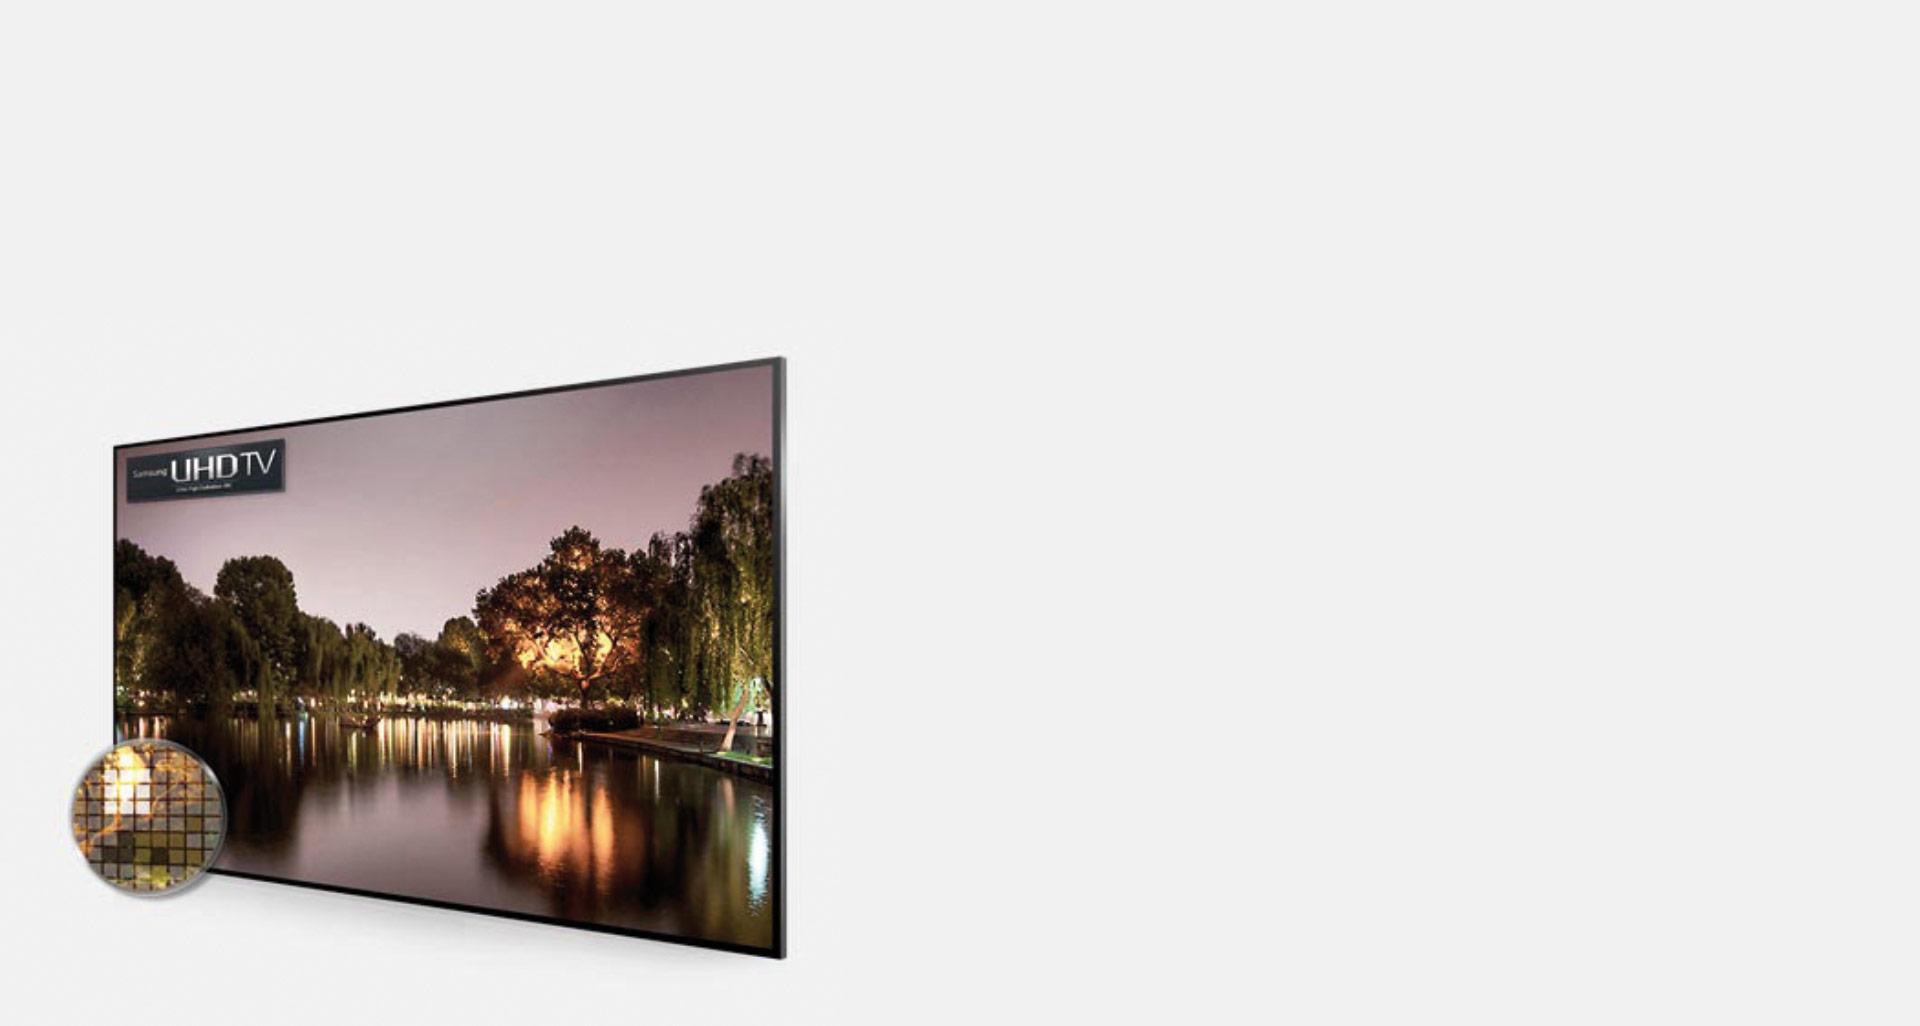 تلویزیون سامسونگ با تکنولوژی تصویر فوق العاده